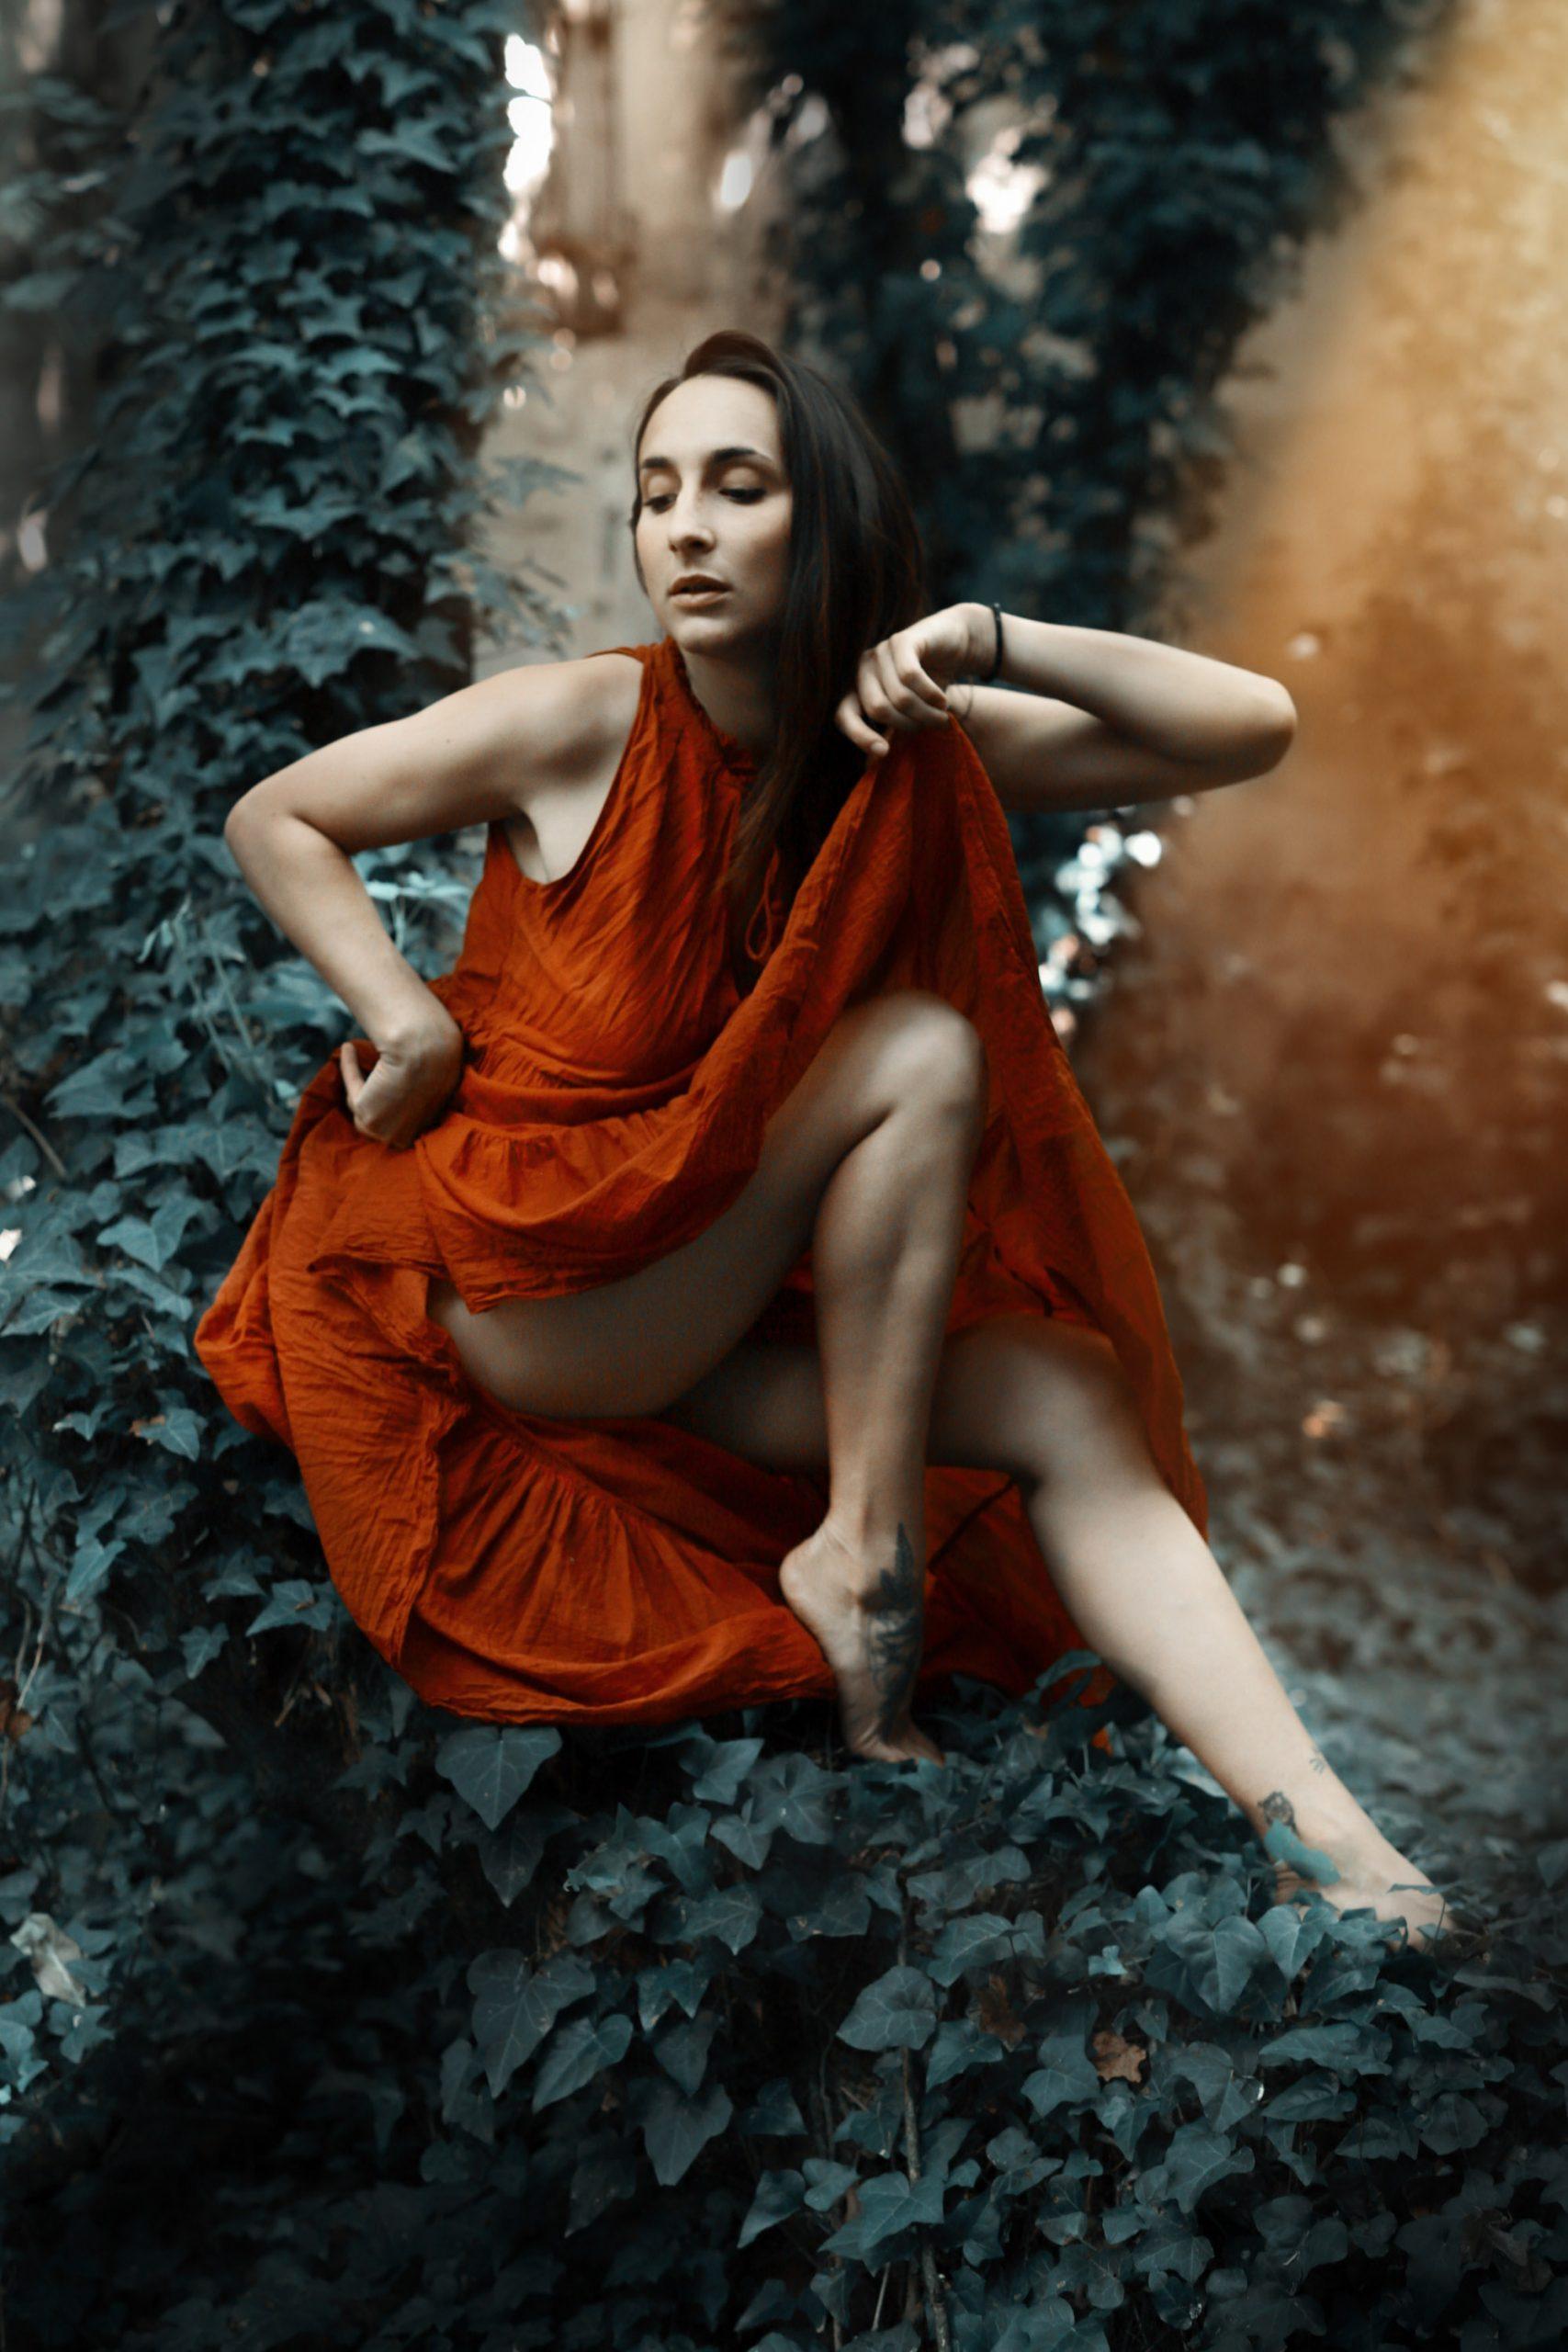 Categorie: Boudoir & Nude, Fine Art, Glamour, Portrait; Photographer: LUCA BARTOLI (ElleBierre photographer); Model: FRANCESCA ZANOTTI; Location: Ferrara, FE, Italia